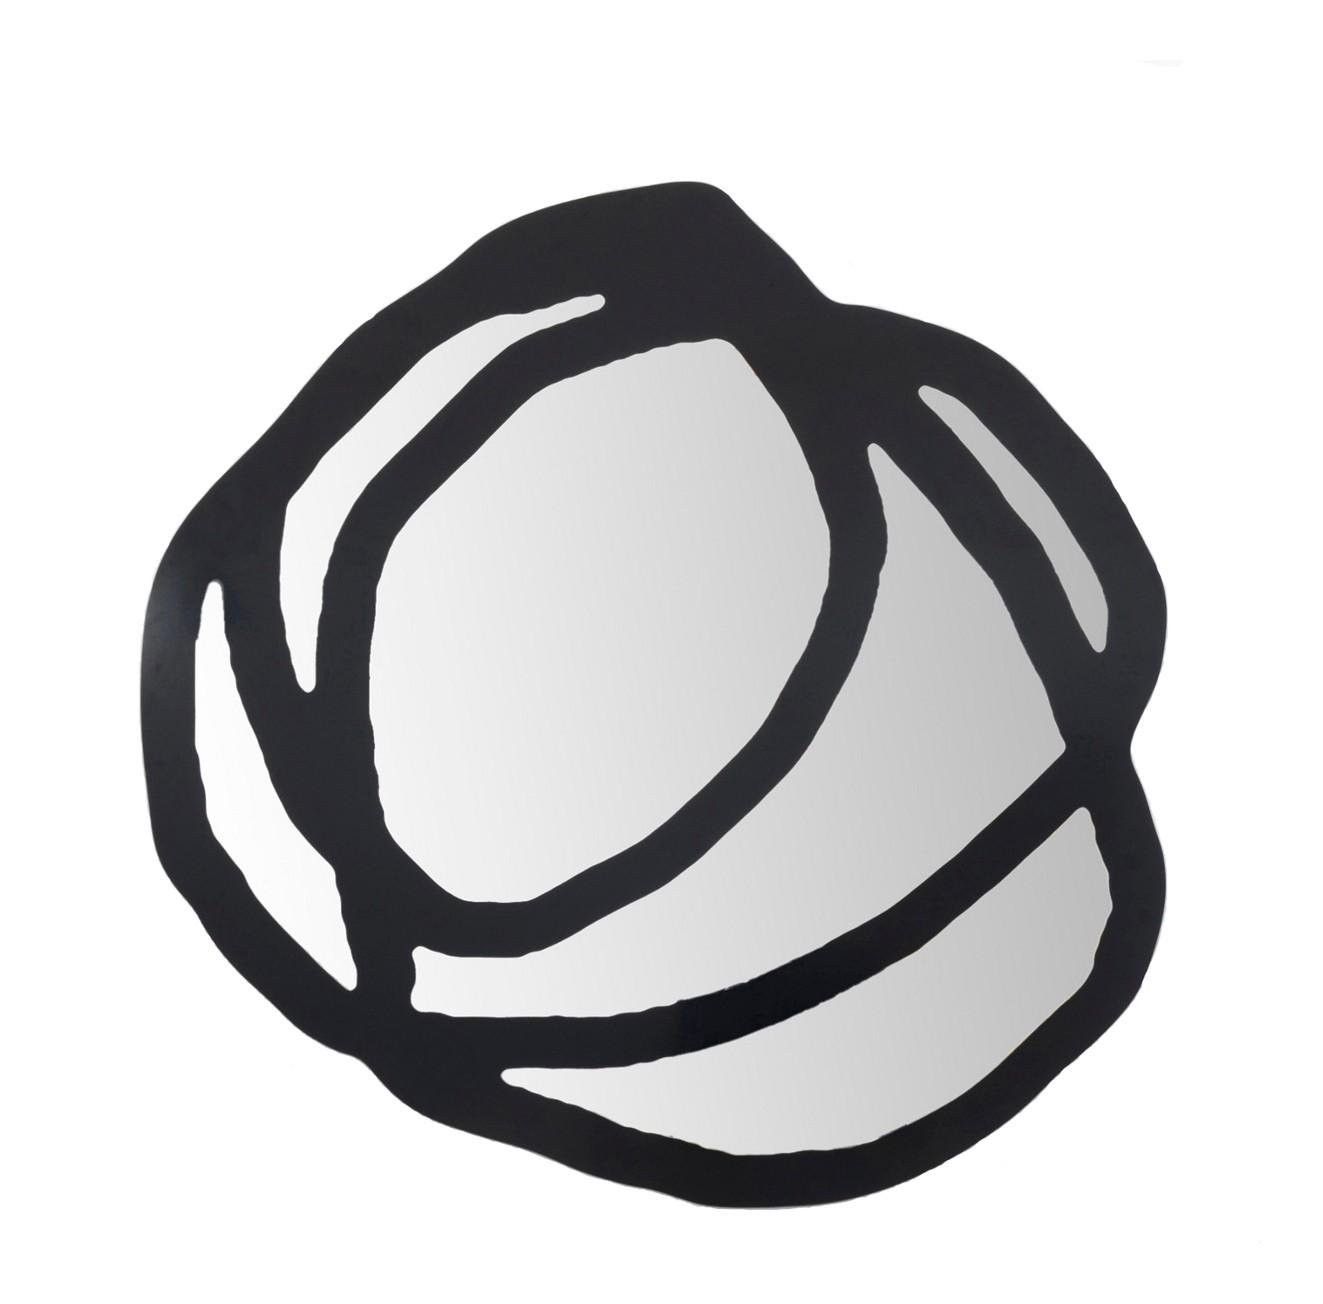 Miroir sweet 98 de gervasoni petit mod le noir for Petit miroir noir